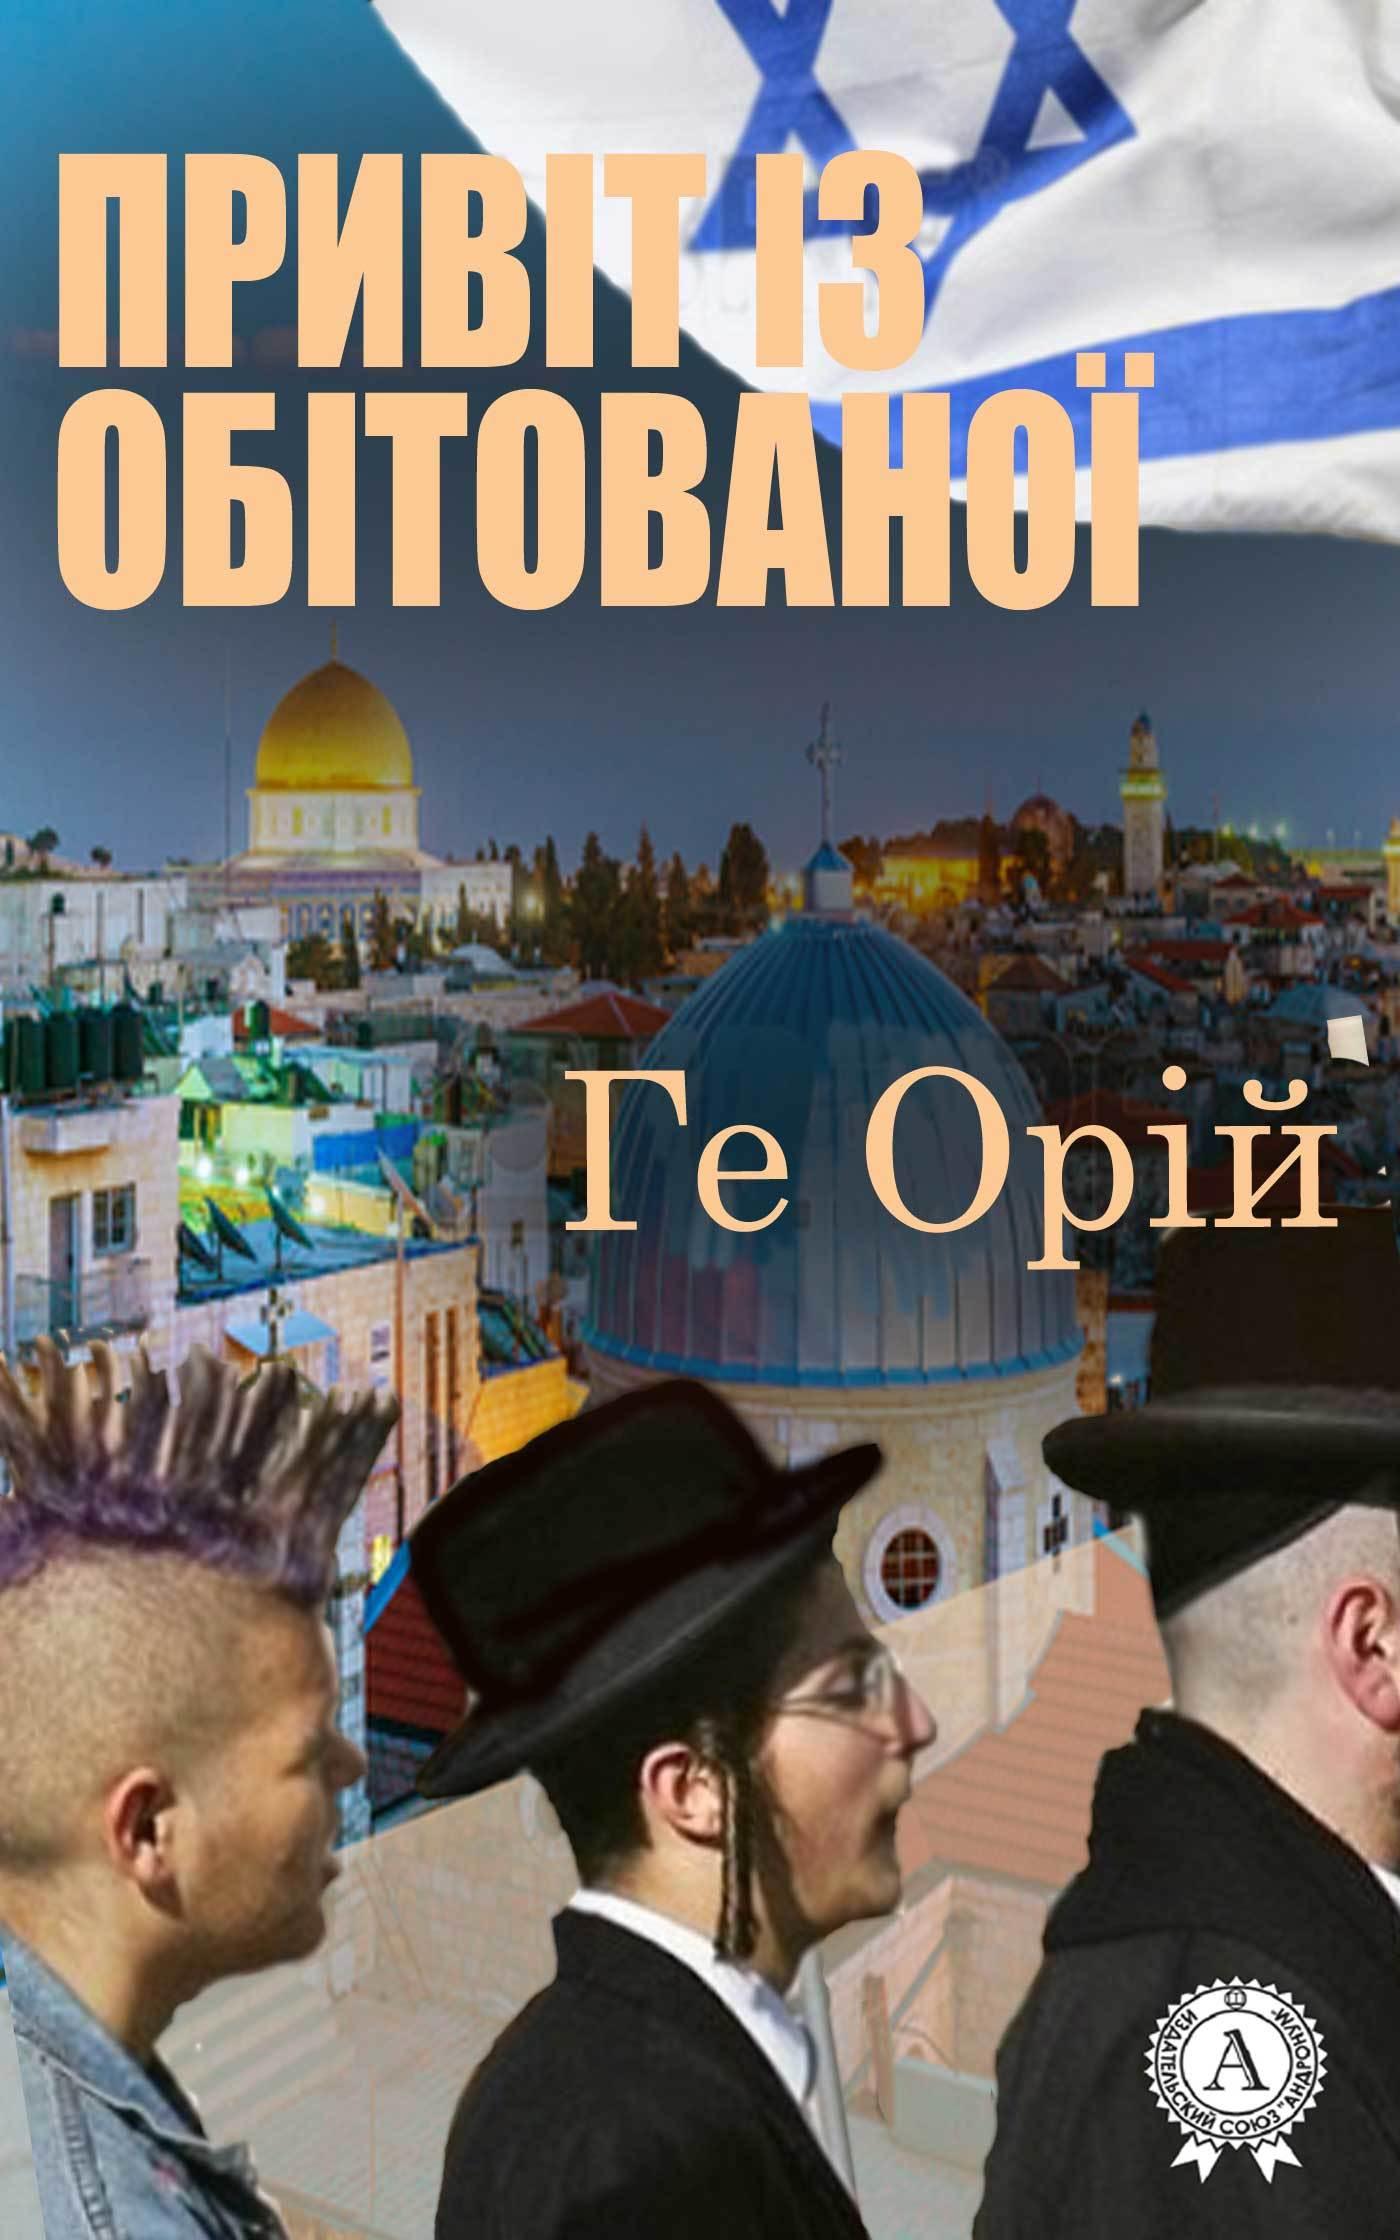 Обложка книги Привіт із обітованої, автор Орій, Ге